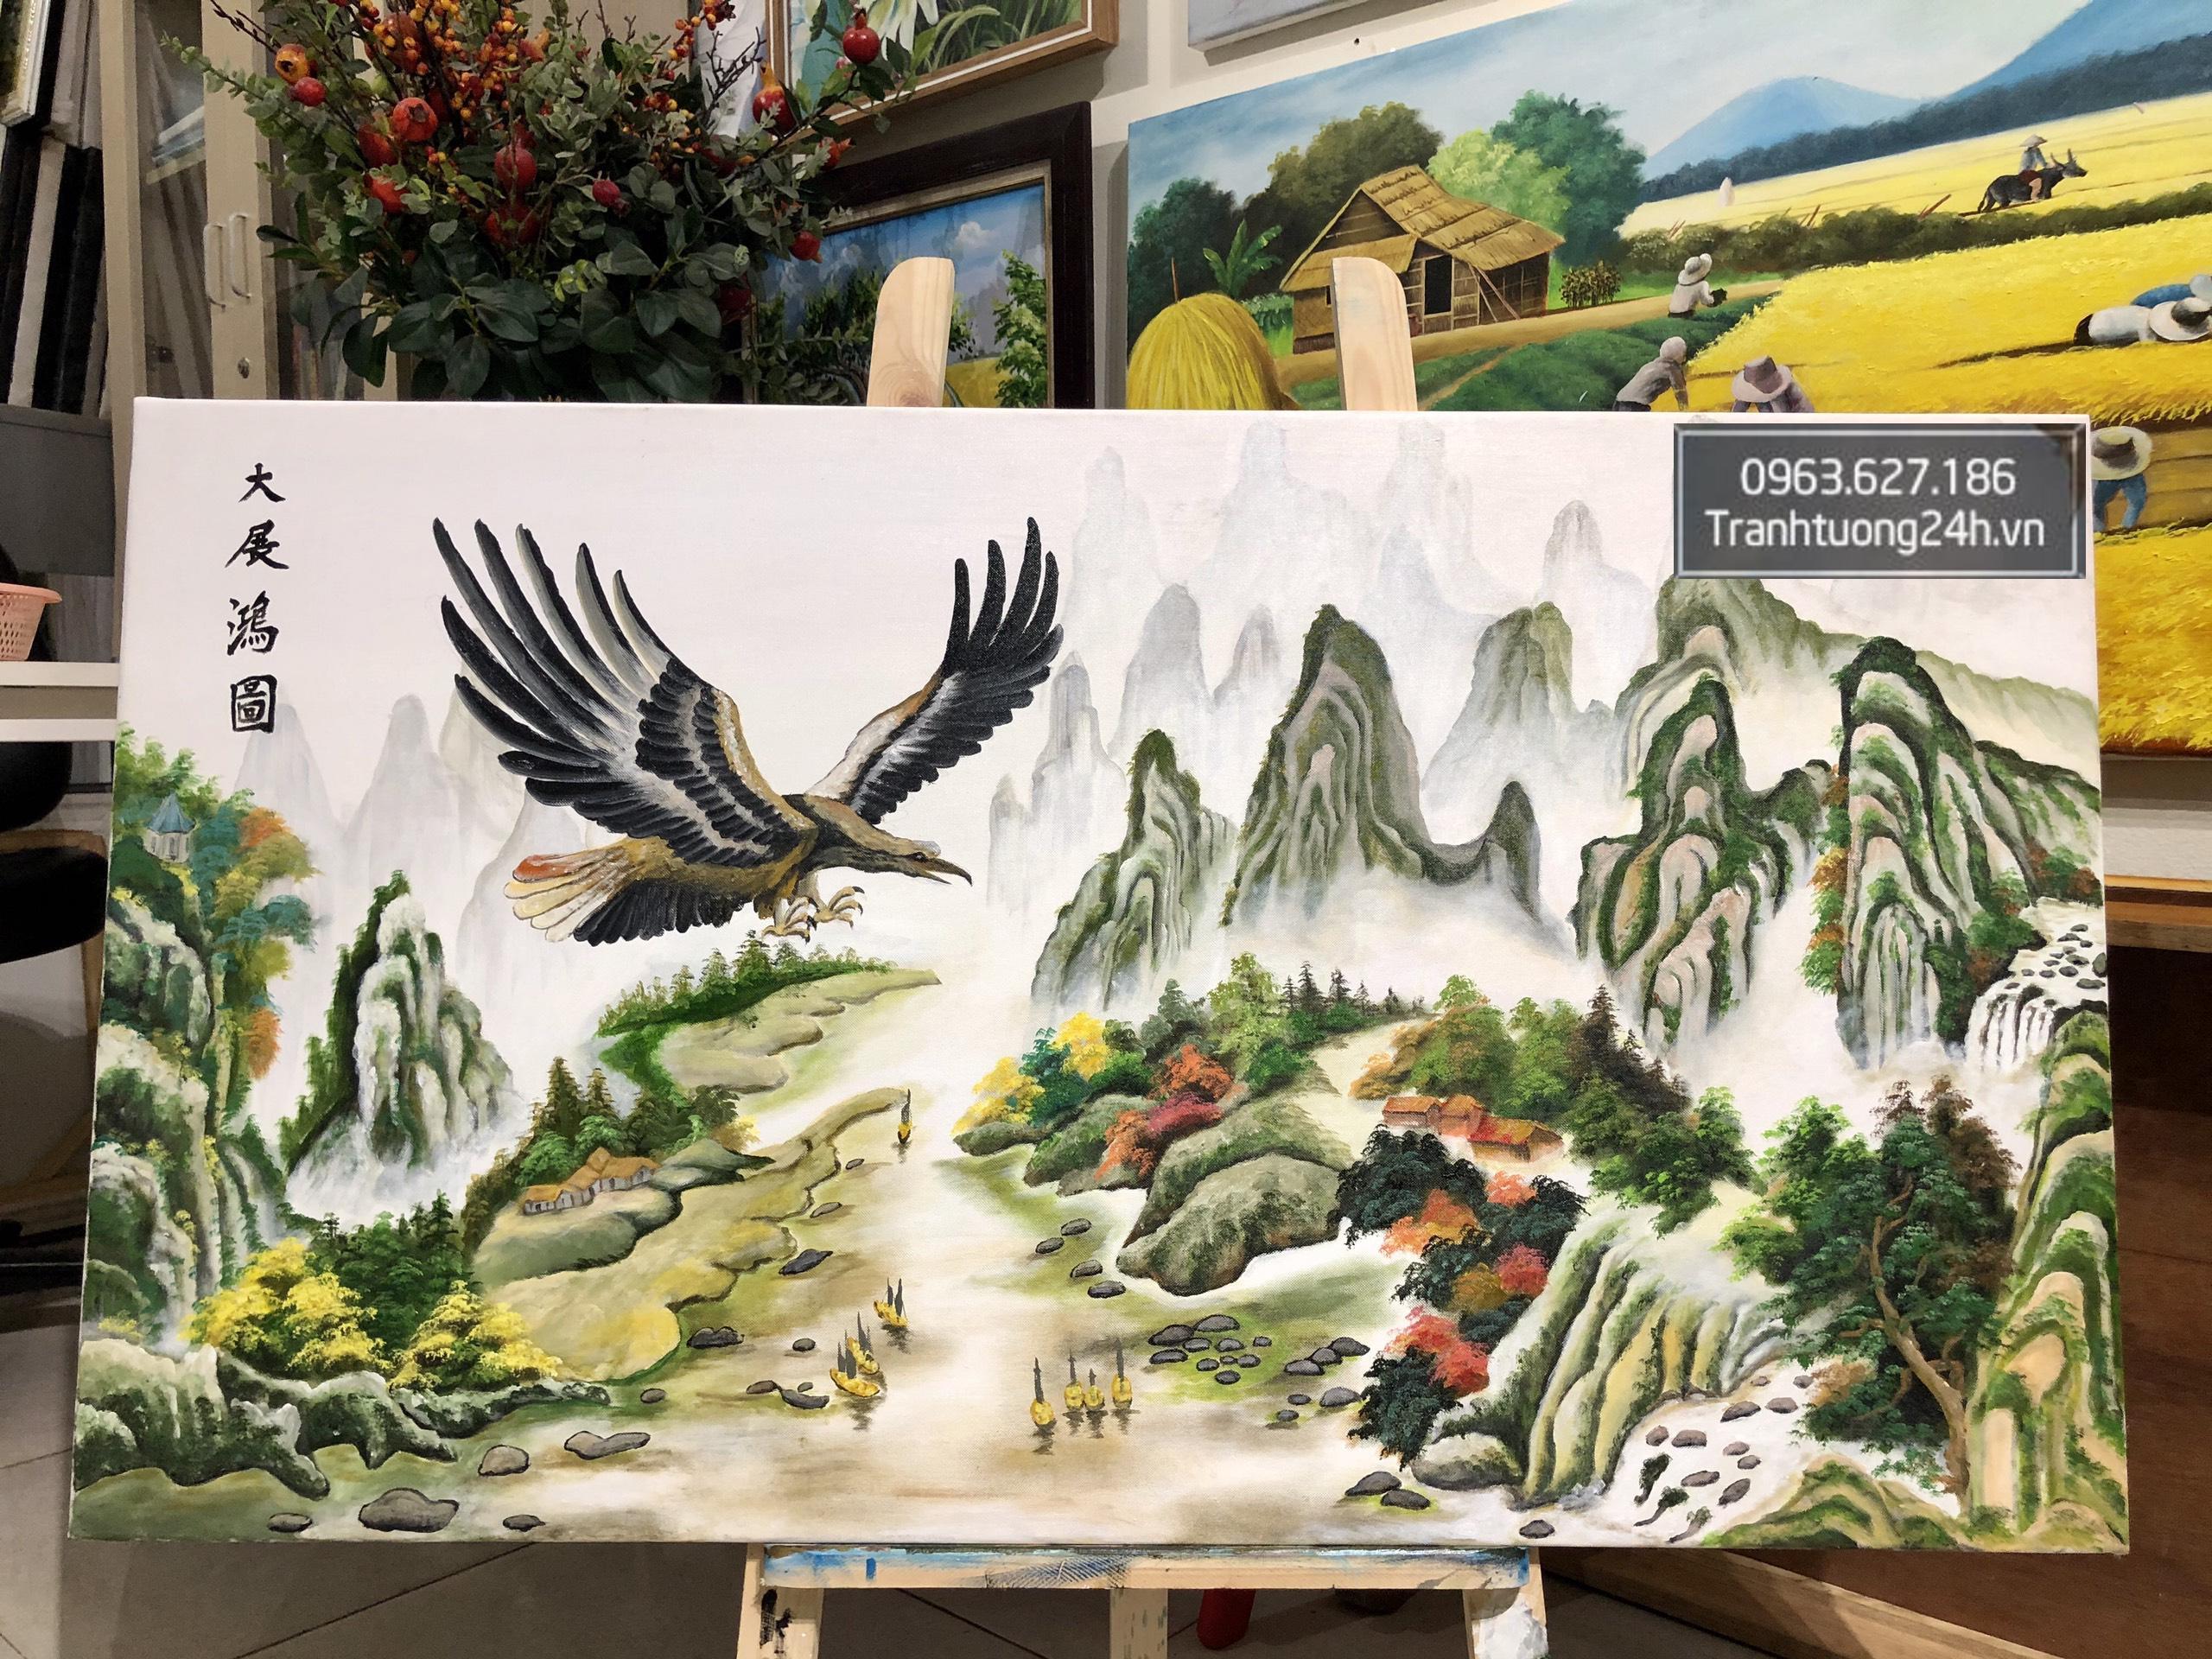 Tranh Phong Cảnh Chim Ưng